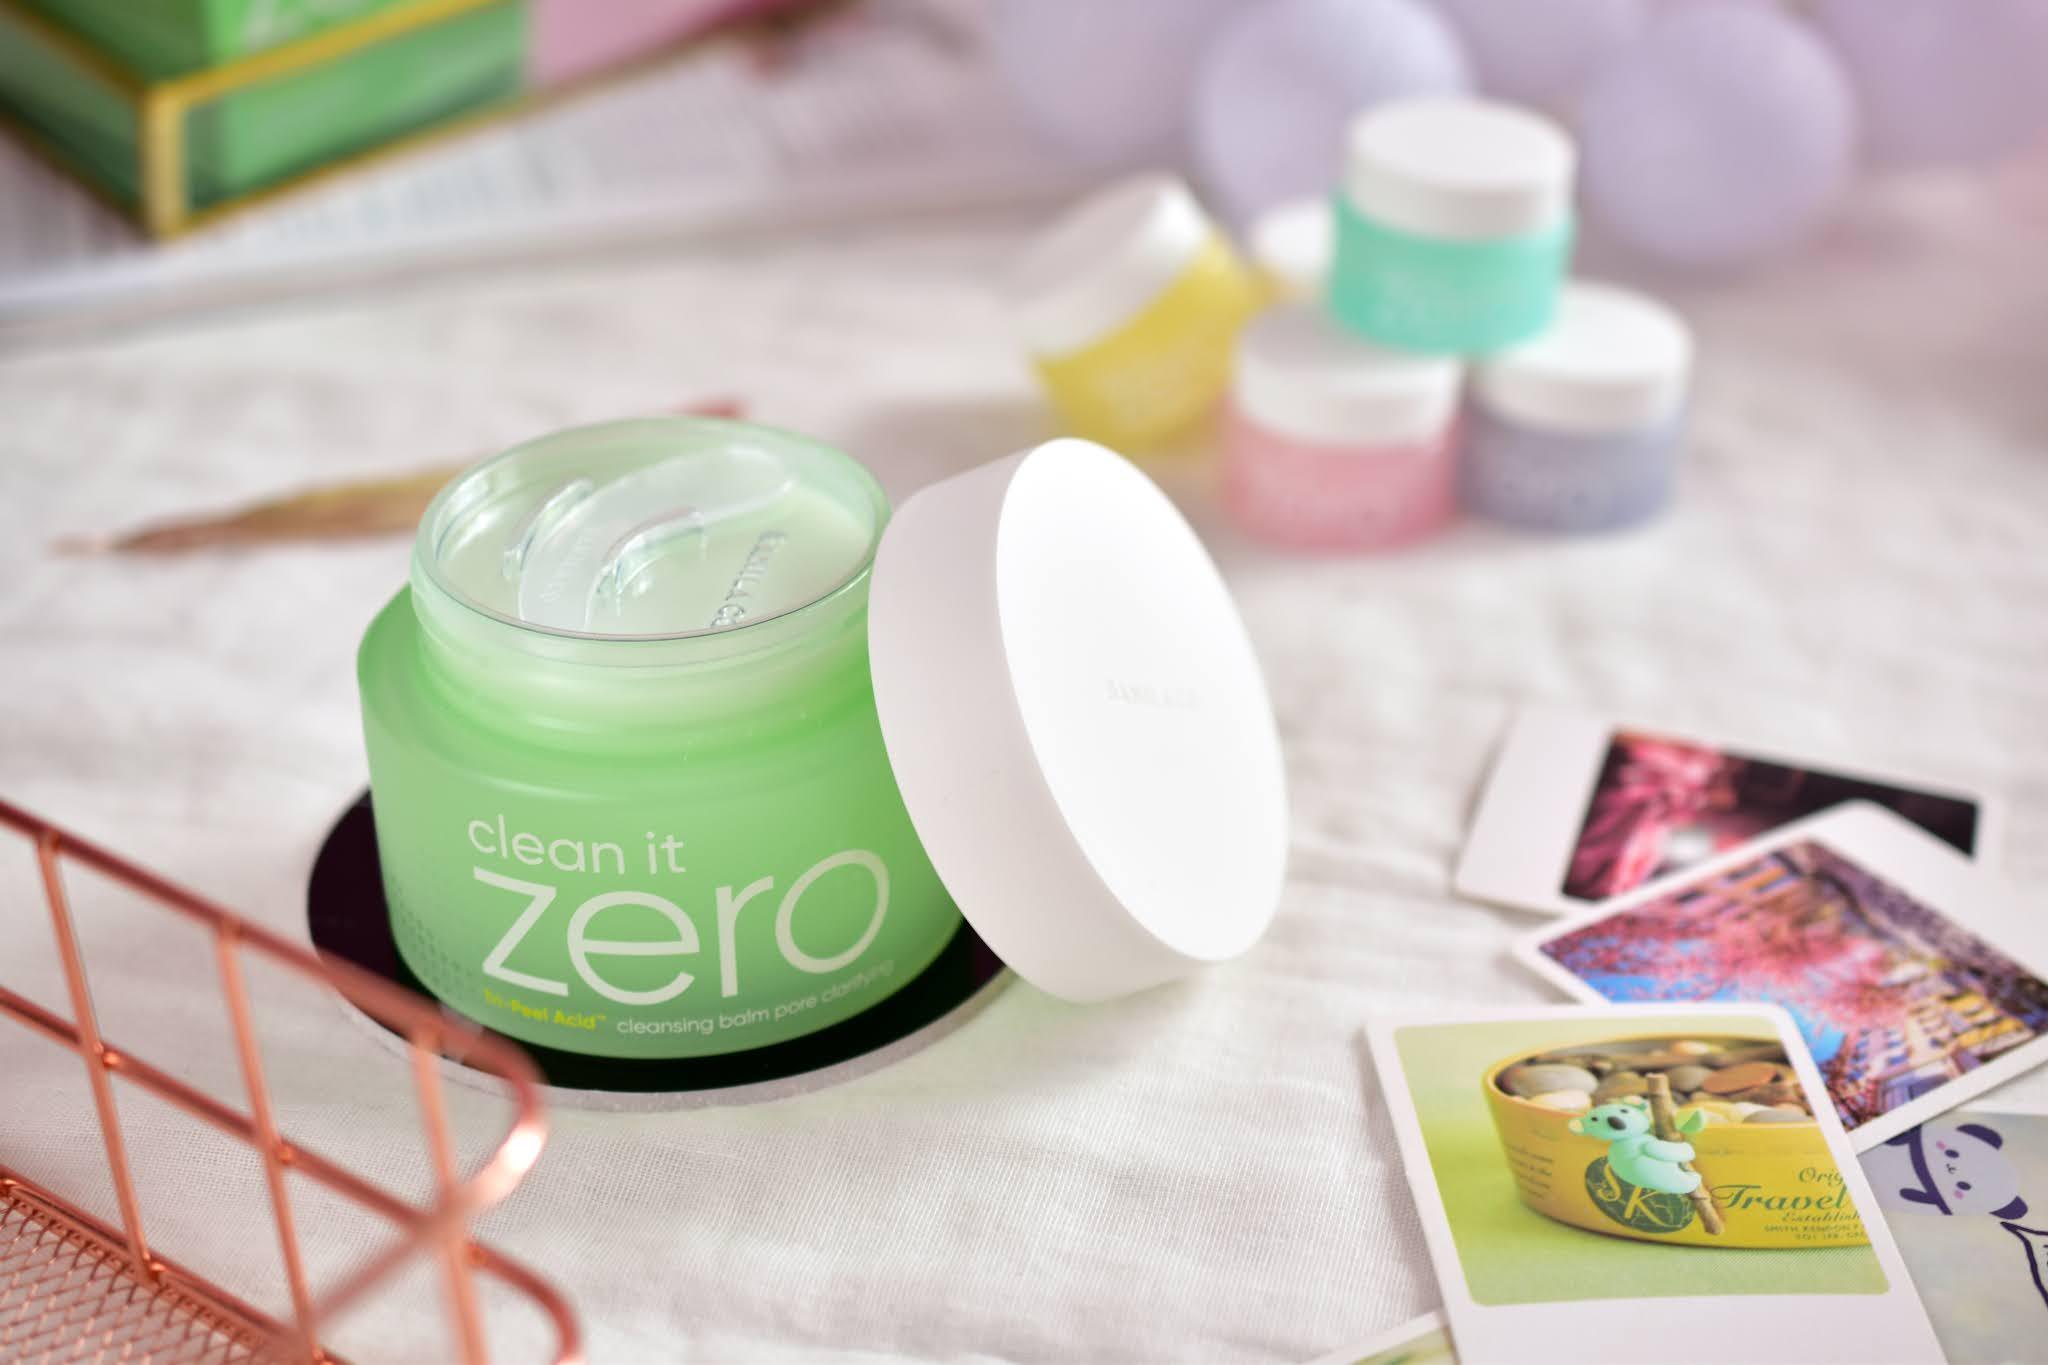 Banila Co CleanIt Zero